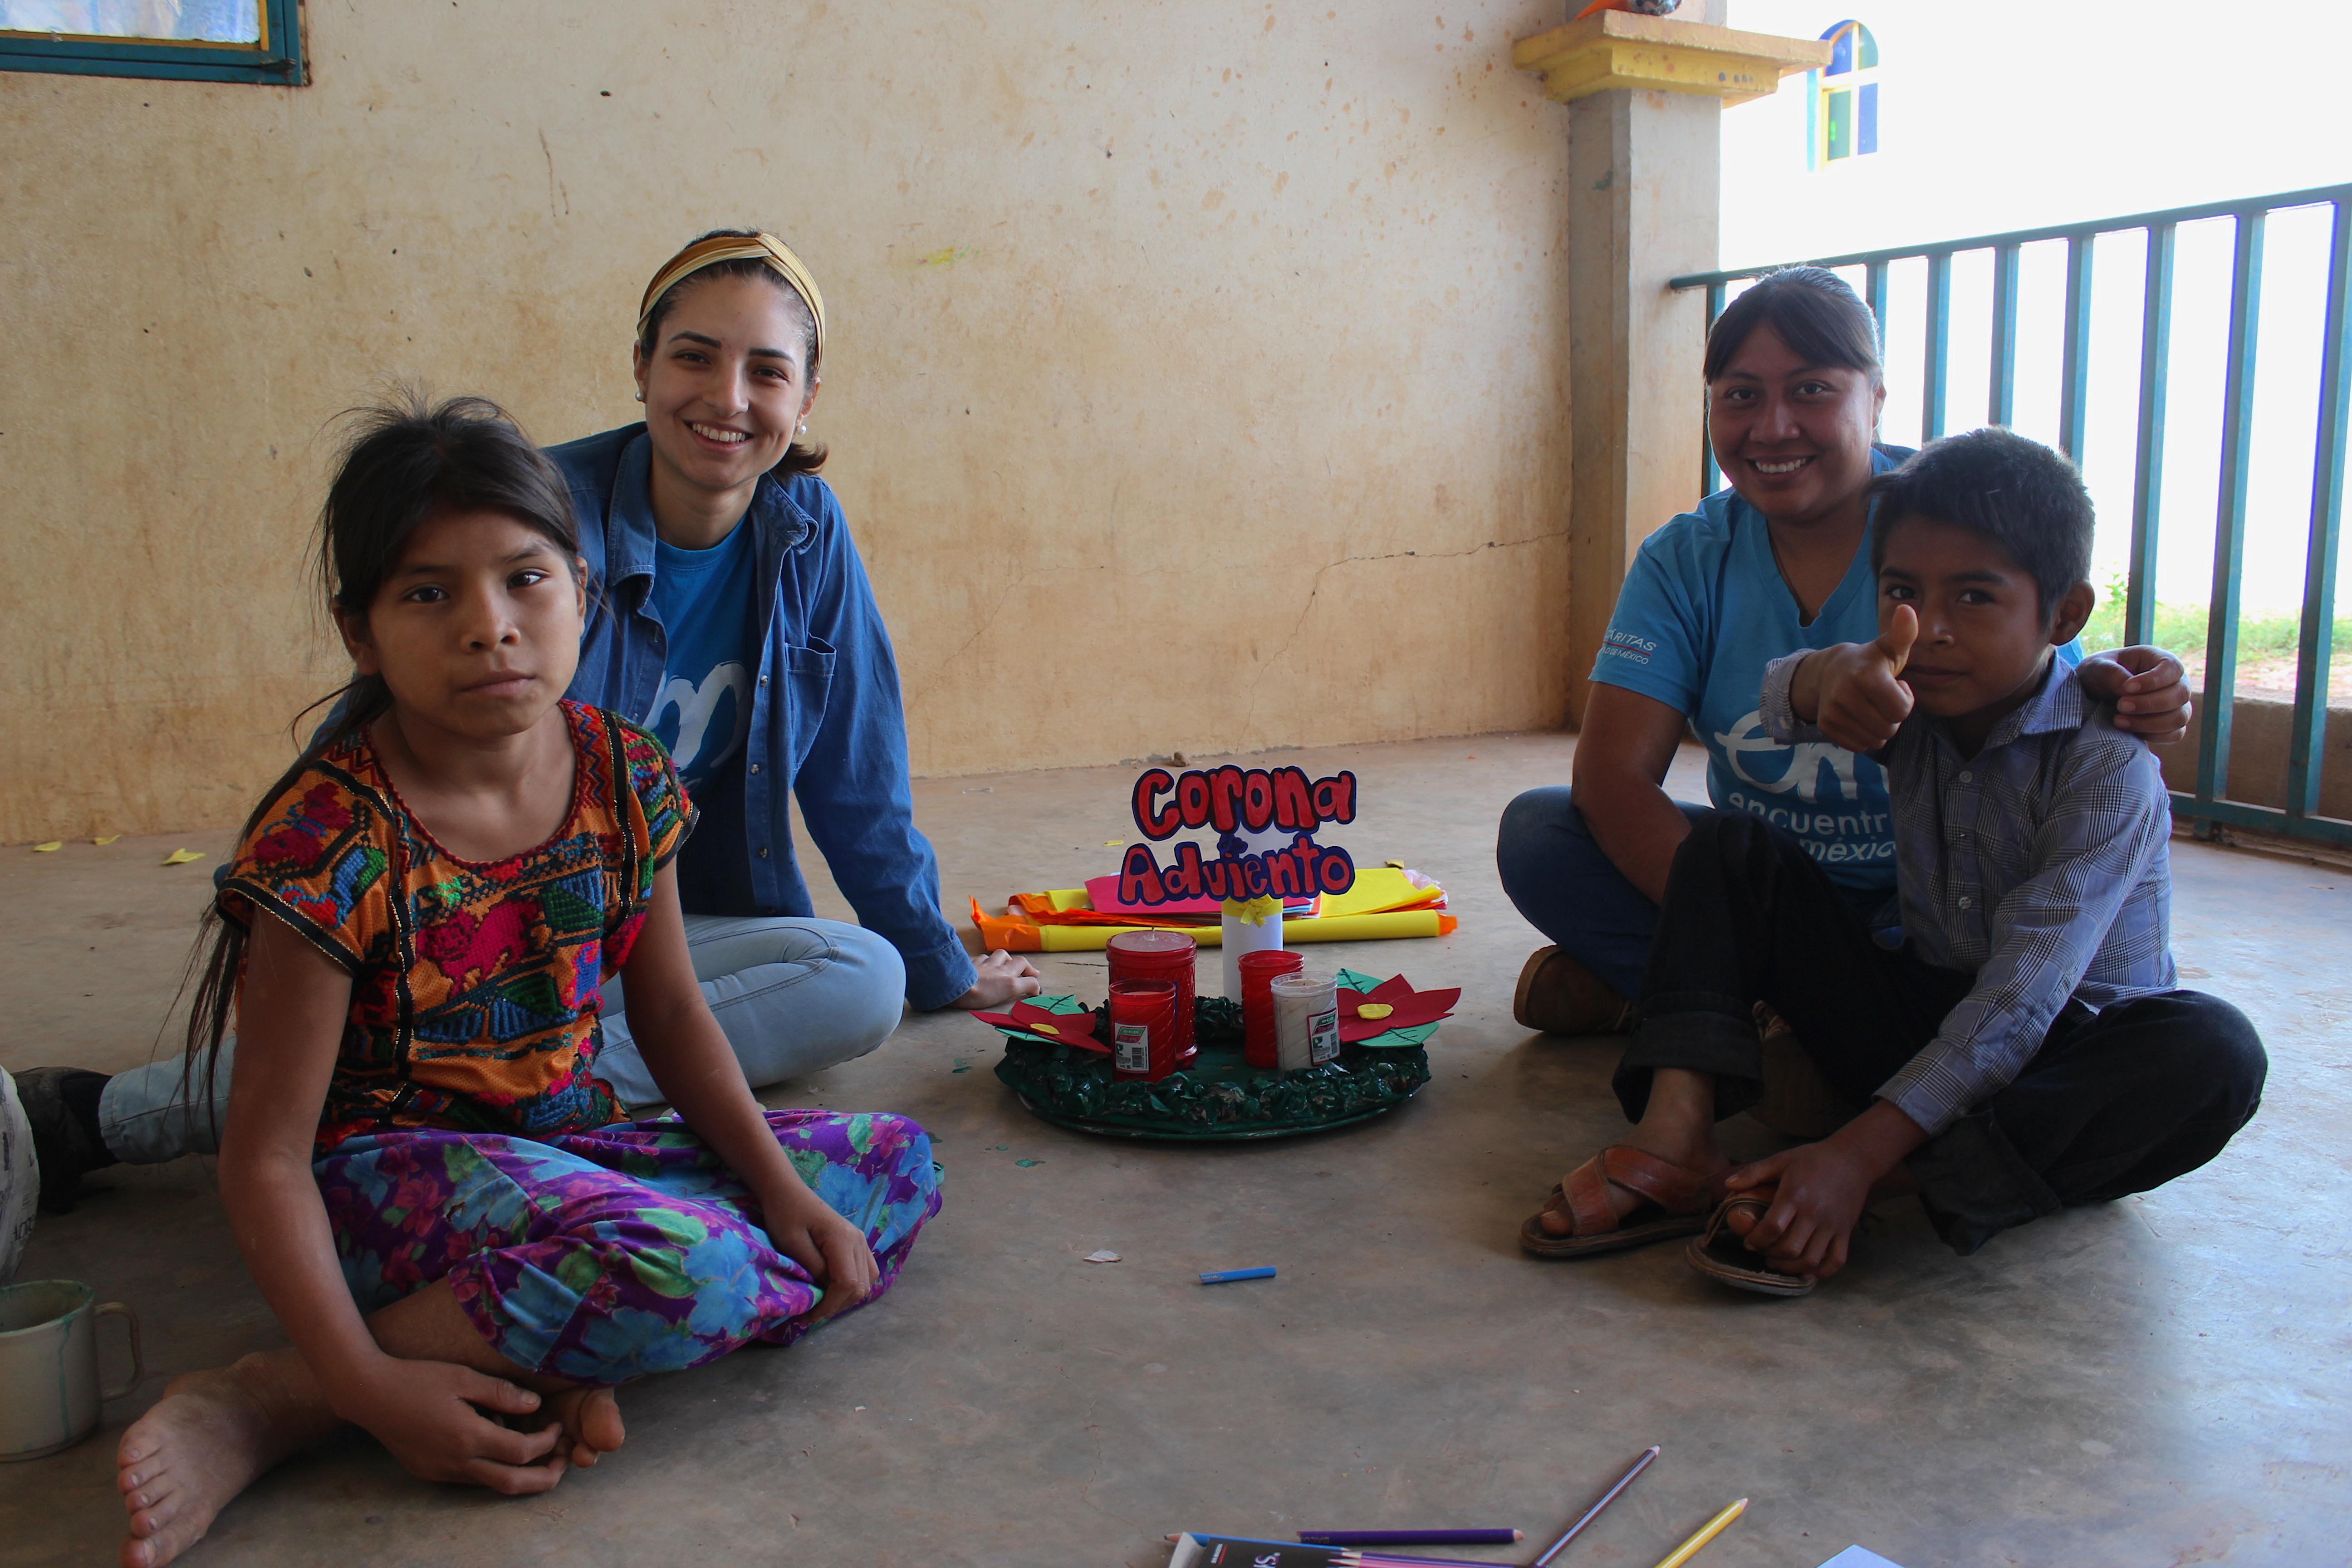 Comunidad de San Pedro, Cochoapa el Grande, Guerrero. Diciembre de 2019. Foto: Diego Gómez